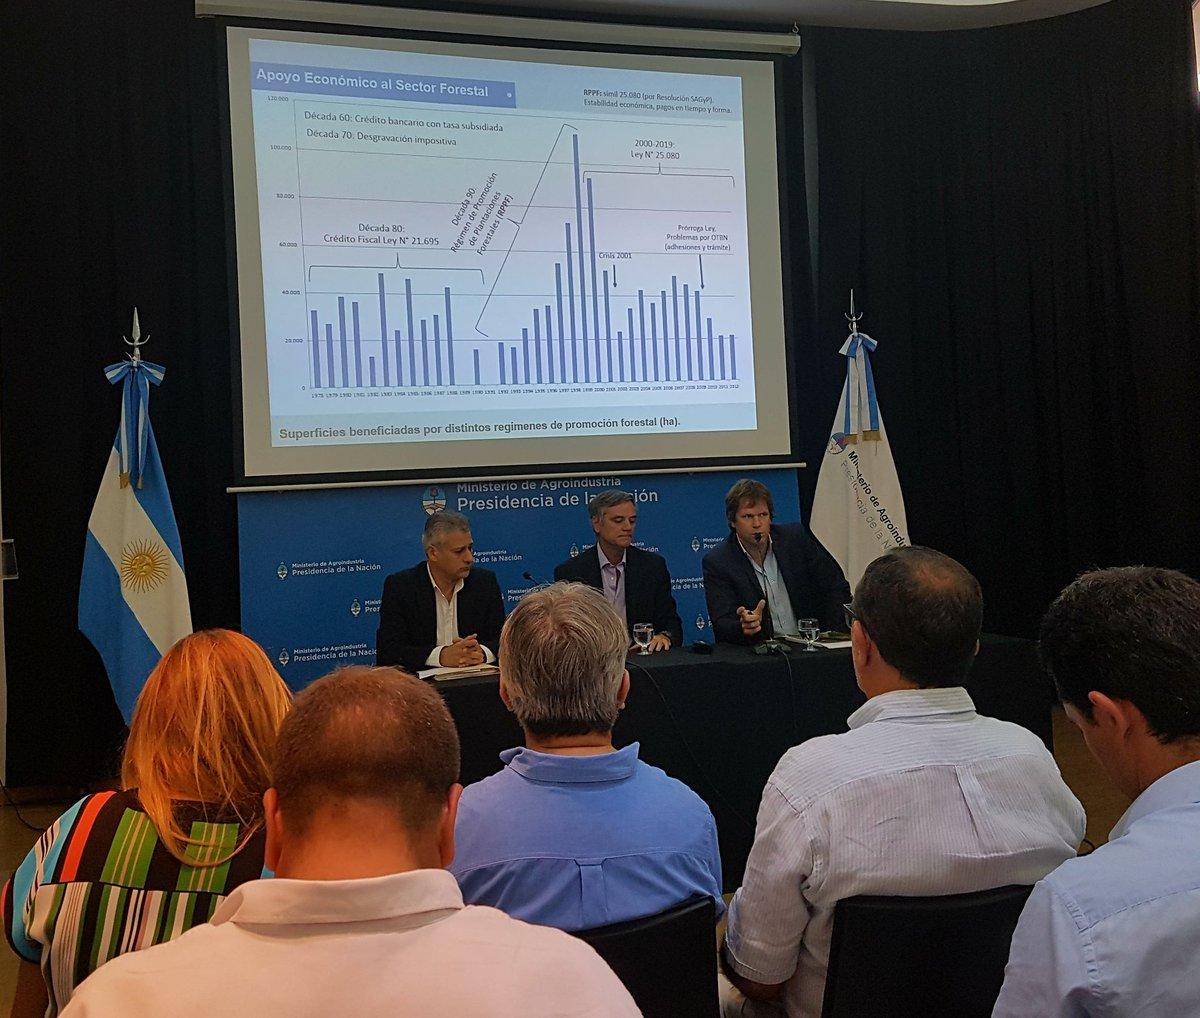 Se aprobó en la Argentina la prórroga de la Ley 25.080 de inversiones forestales por 10 años más